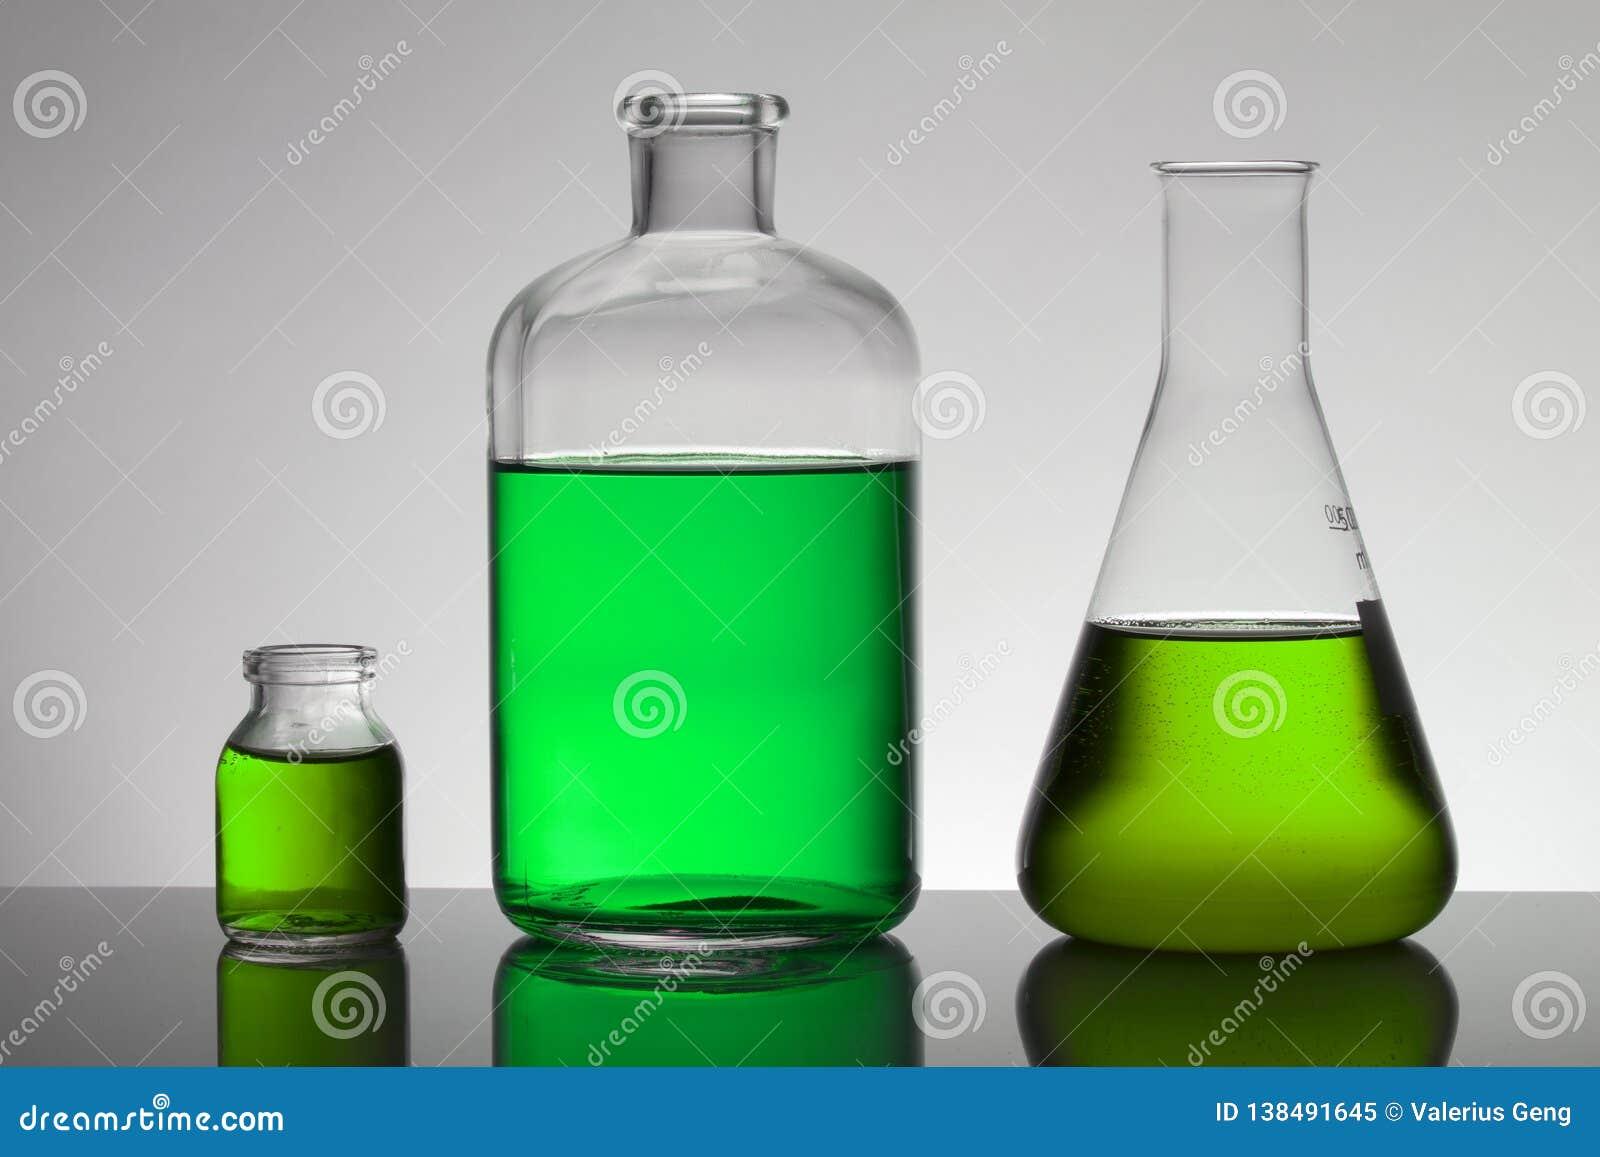 Líquido en botellas del laboratorio Laboratorio bioquímico científico Líquido colorido